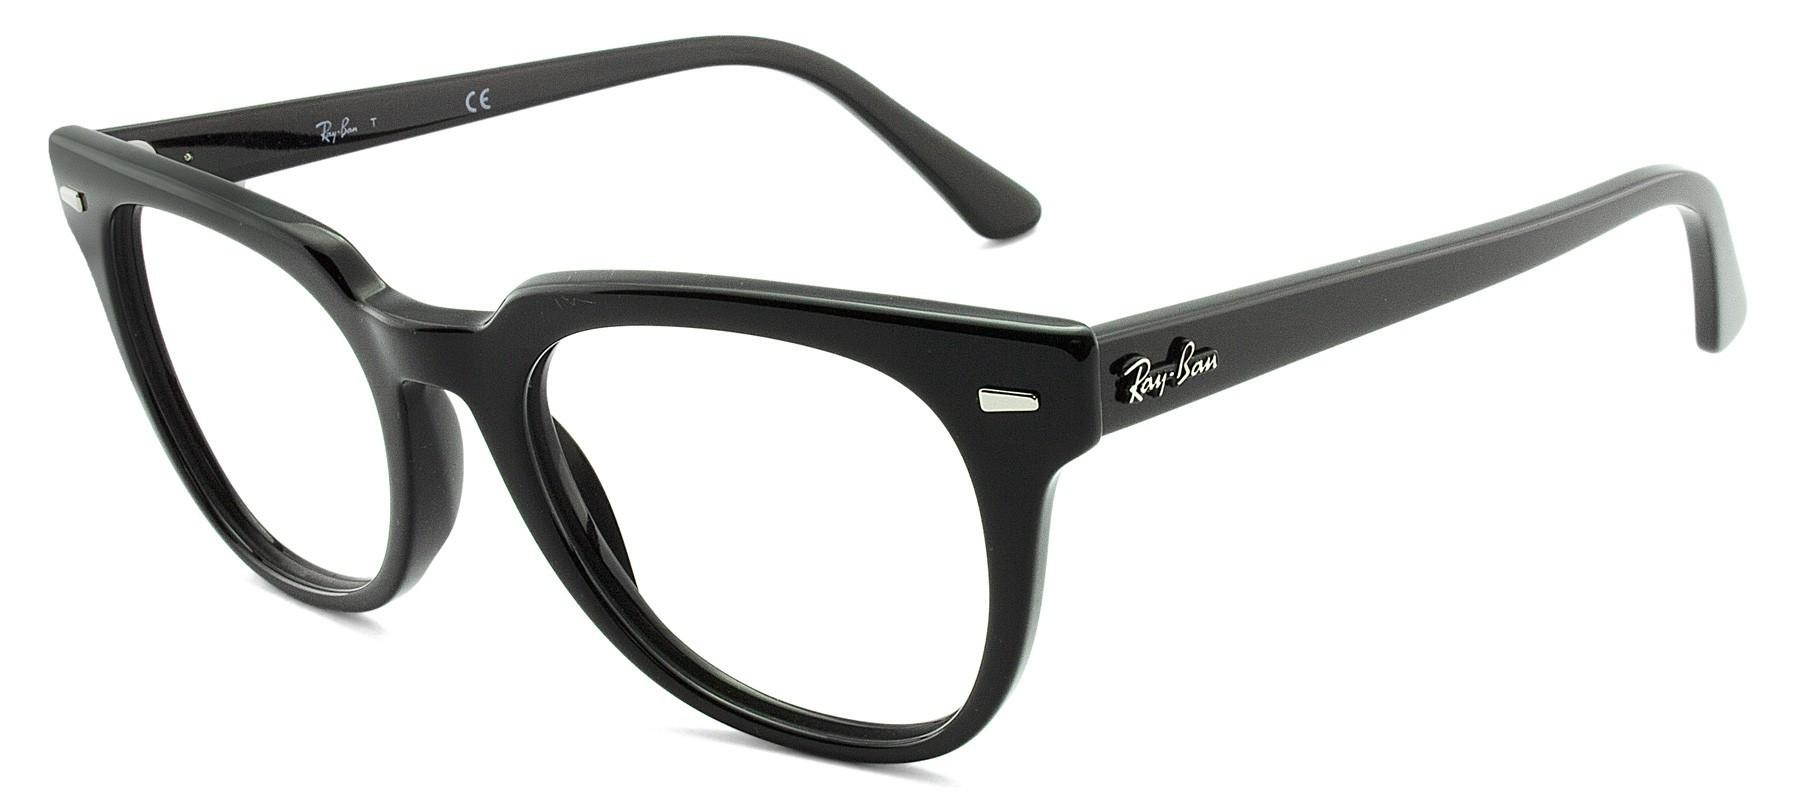 Ray Ban 5377 2000 - Oculos de Grau